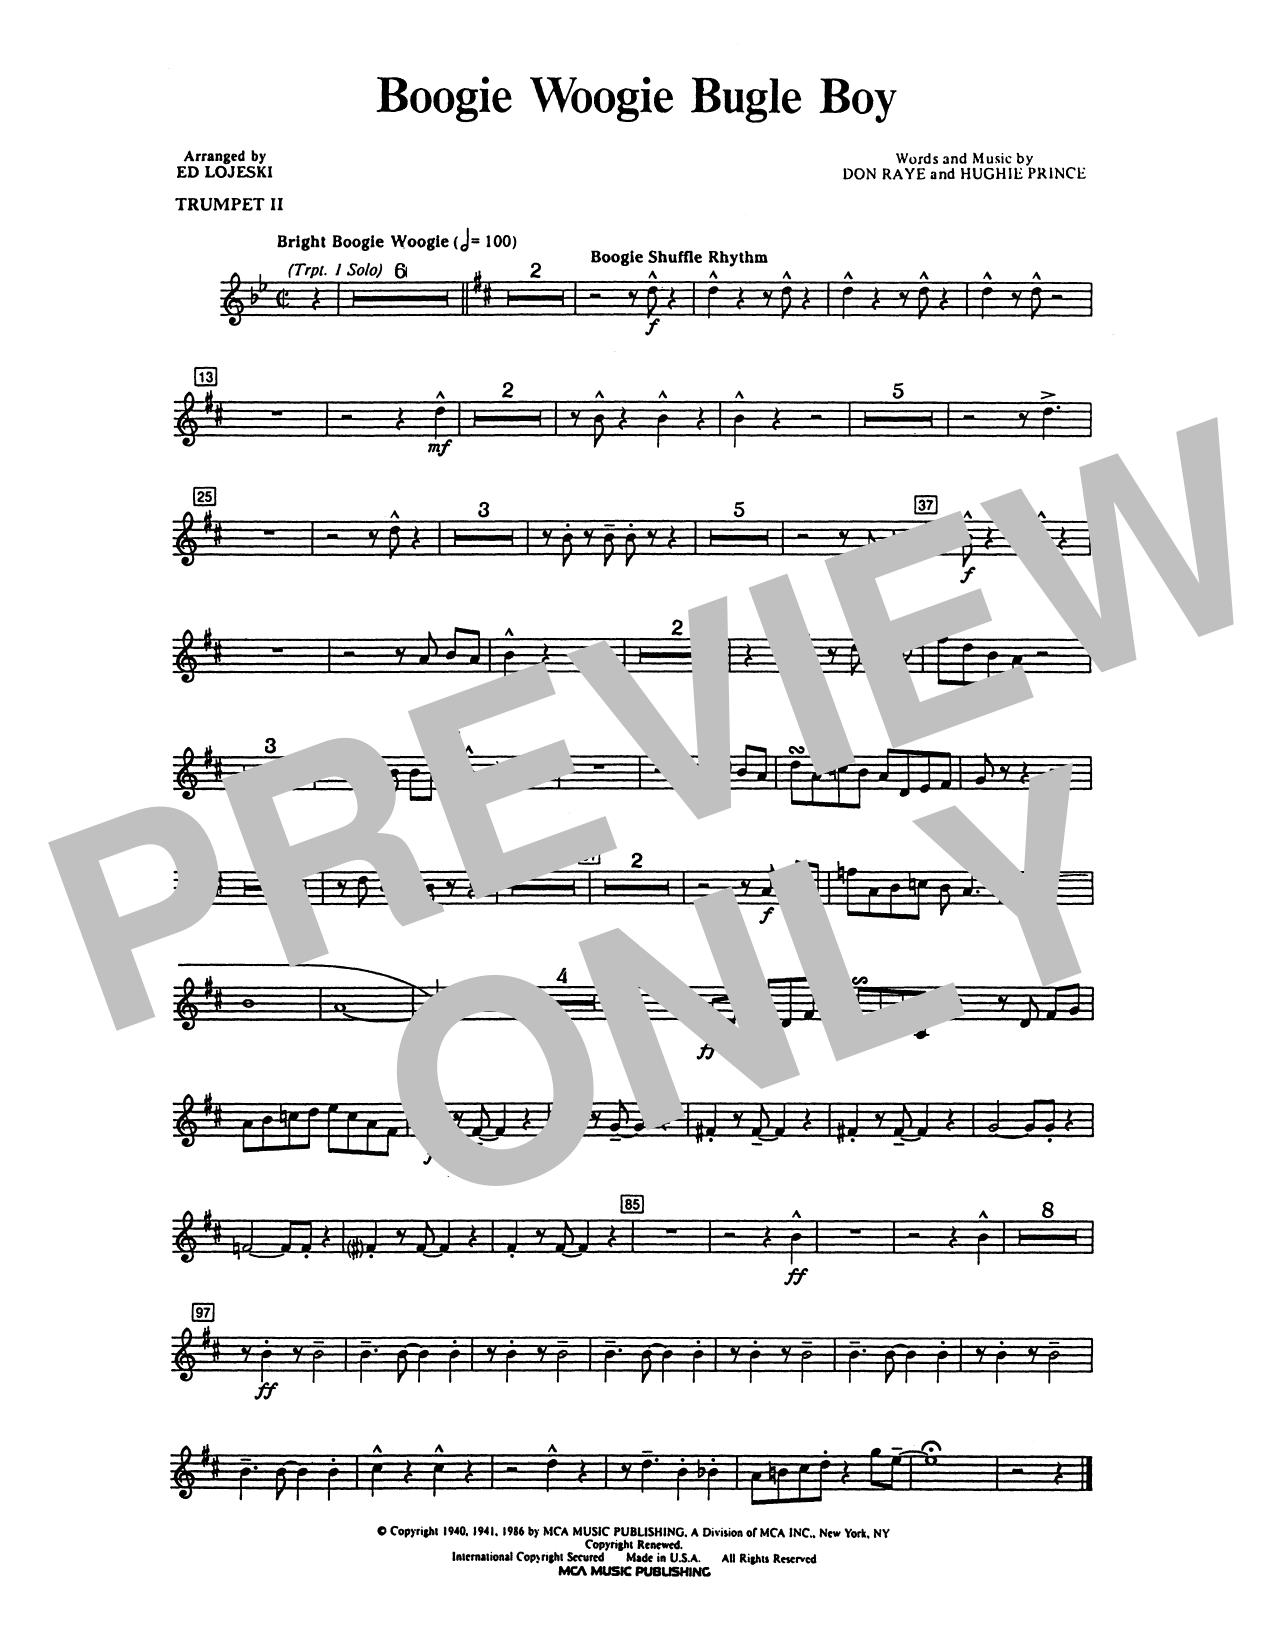 Andrews Sisters - Boogie Woogie Bugle Boy - Trumpet 2 in Bb